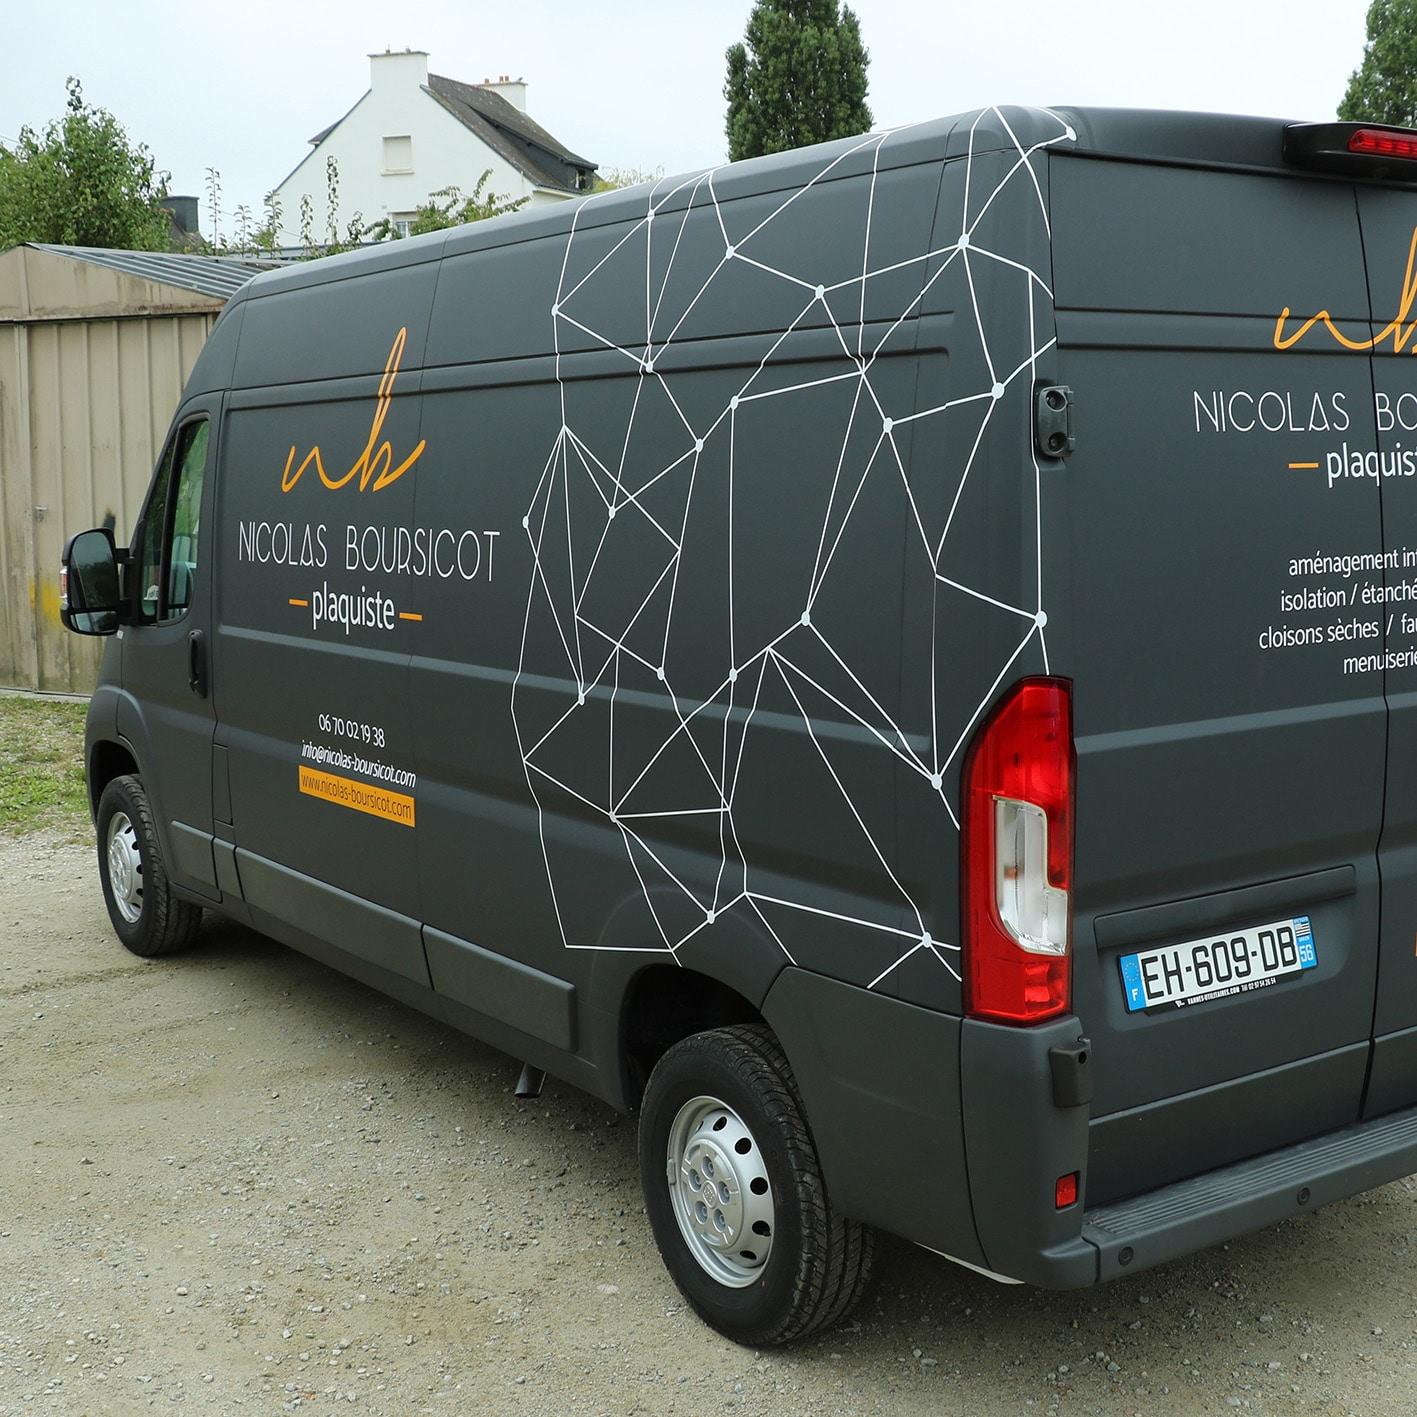 Habillage camion plaquiste Nicolas Boursicot